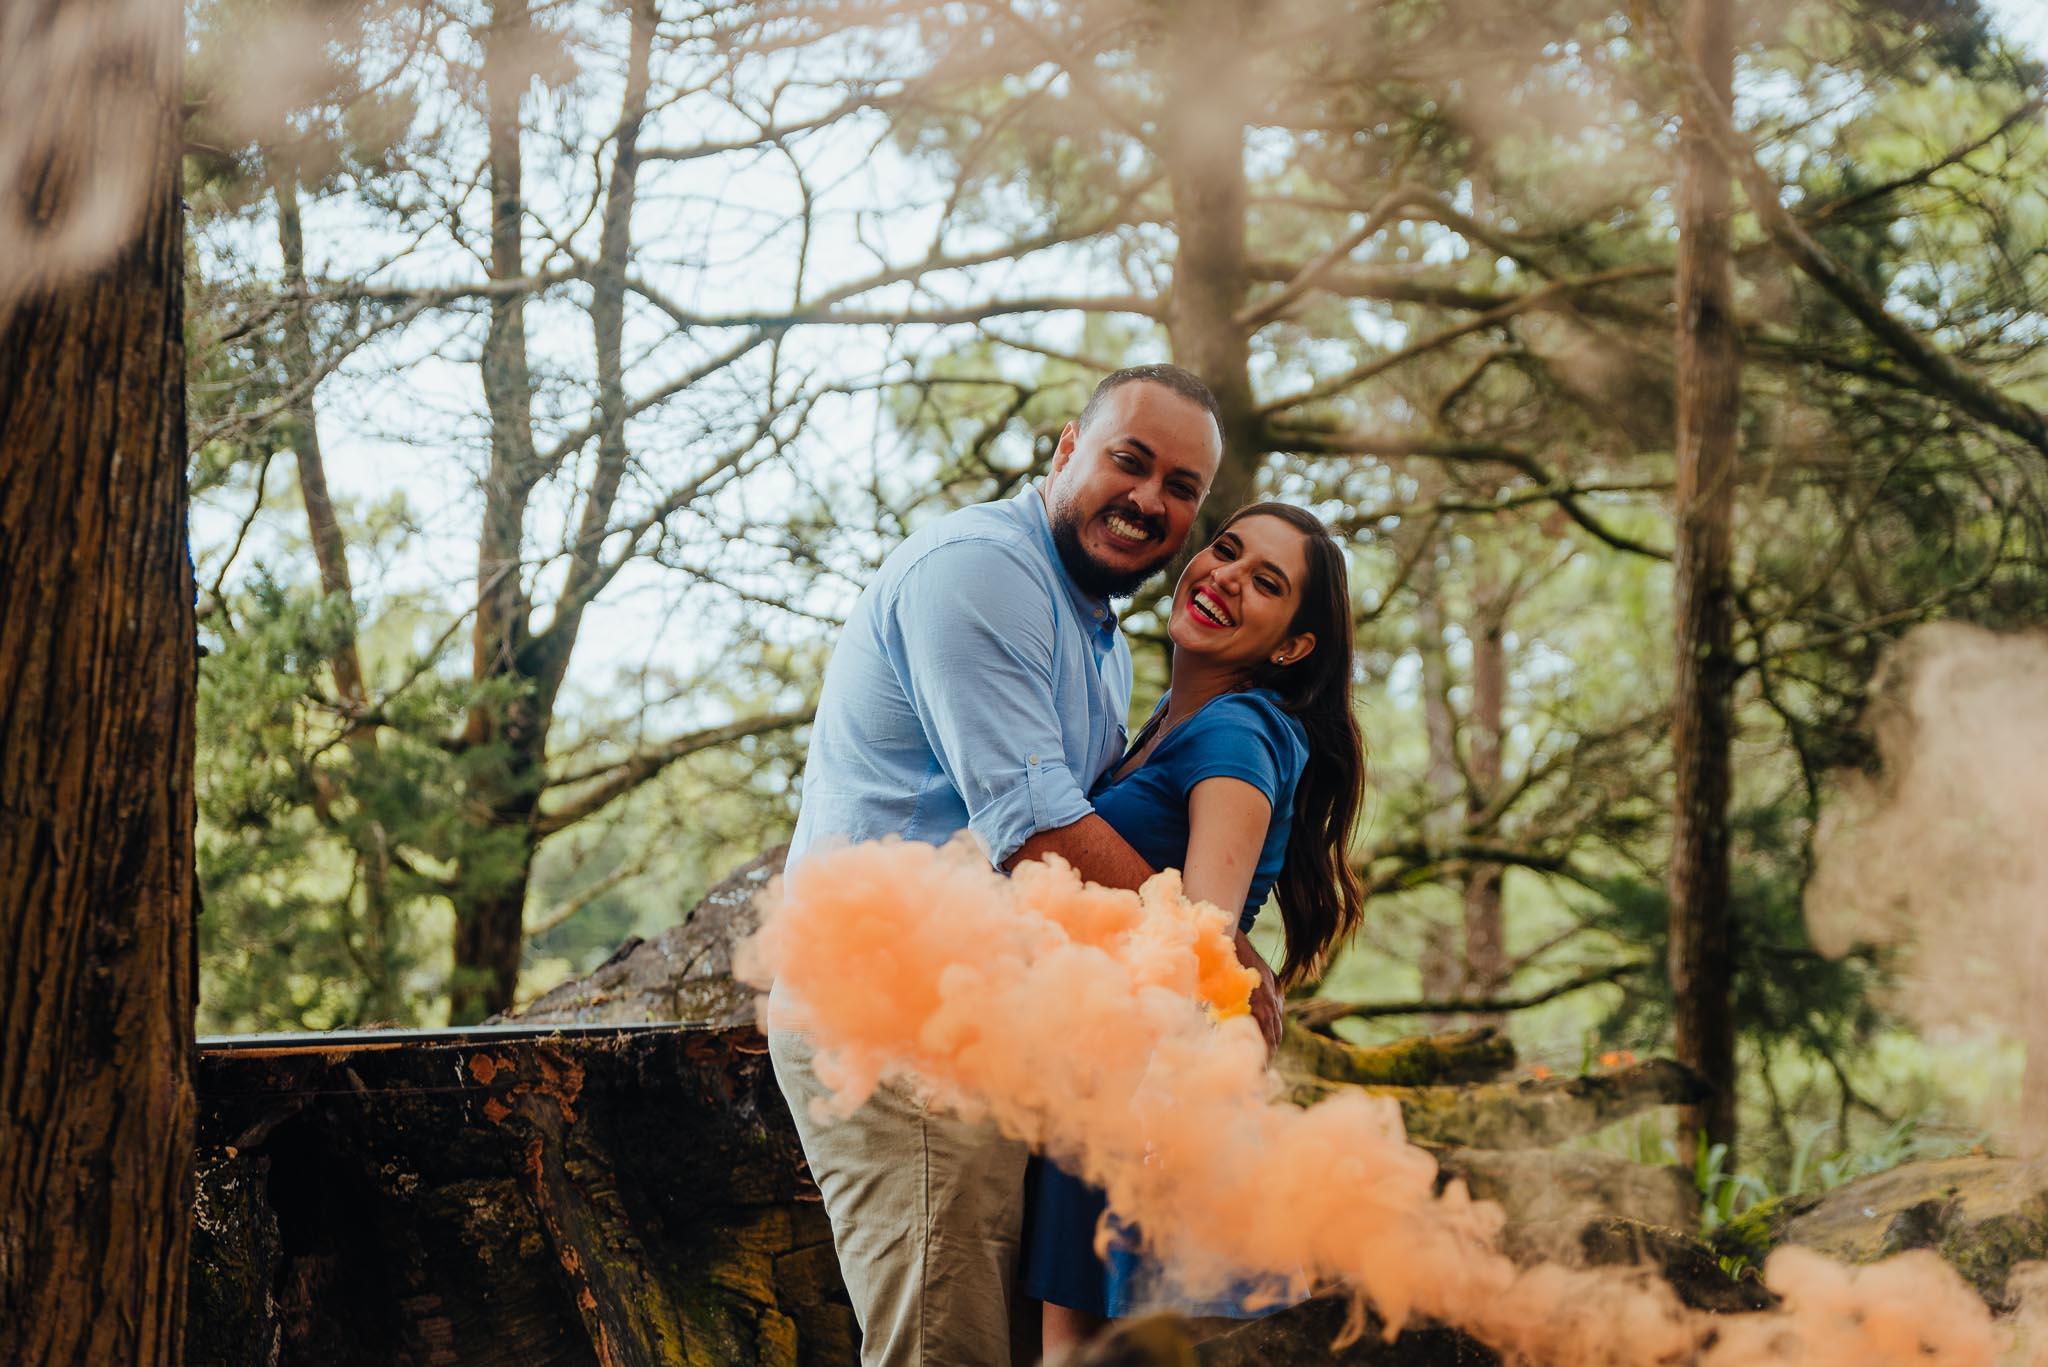 Alejandro_Y_Mariana-Engaged-photos-Jardin_El_Cerro-Bodas_Juan_Salazar-Guatemala-prewedding-save_the_date